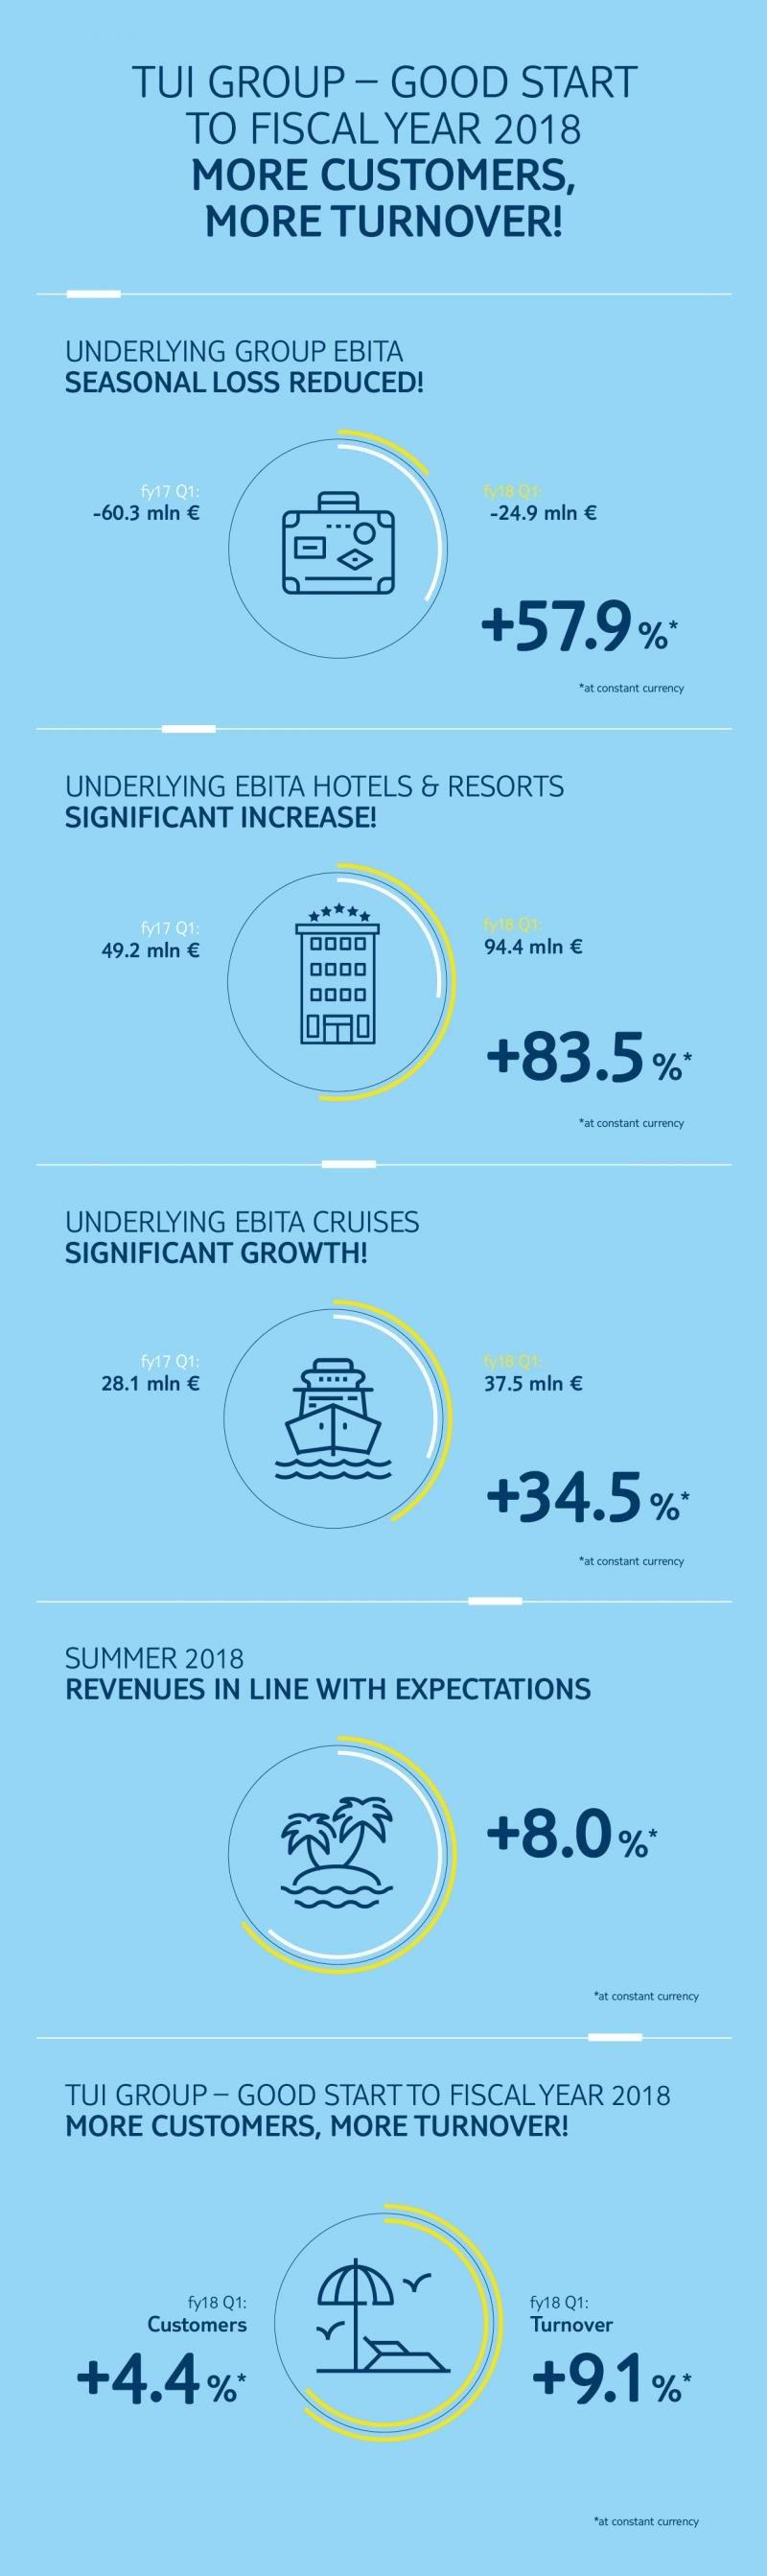 TUI comienza 2018 reduciendo a la mitad sus pérdidas estacionales